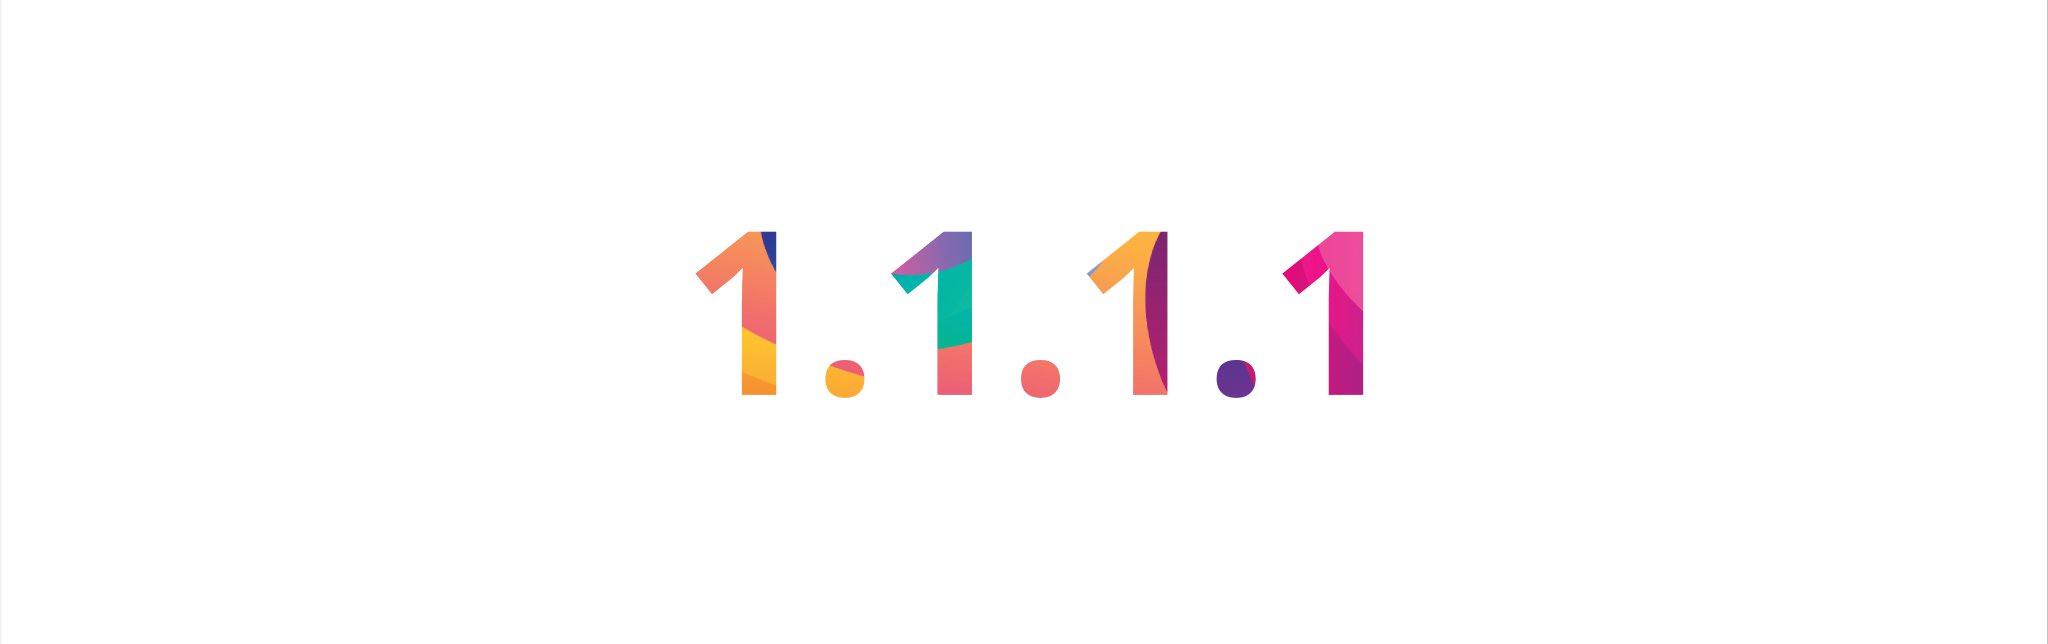 1.1.1.1 DNS service